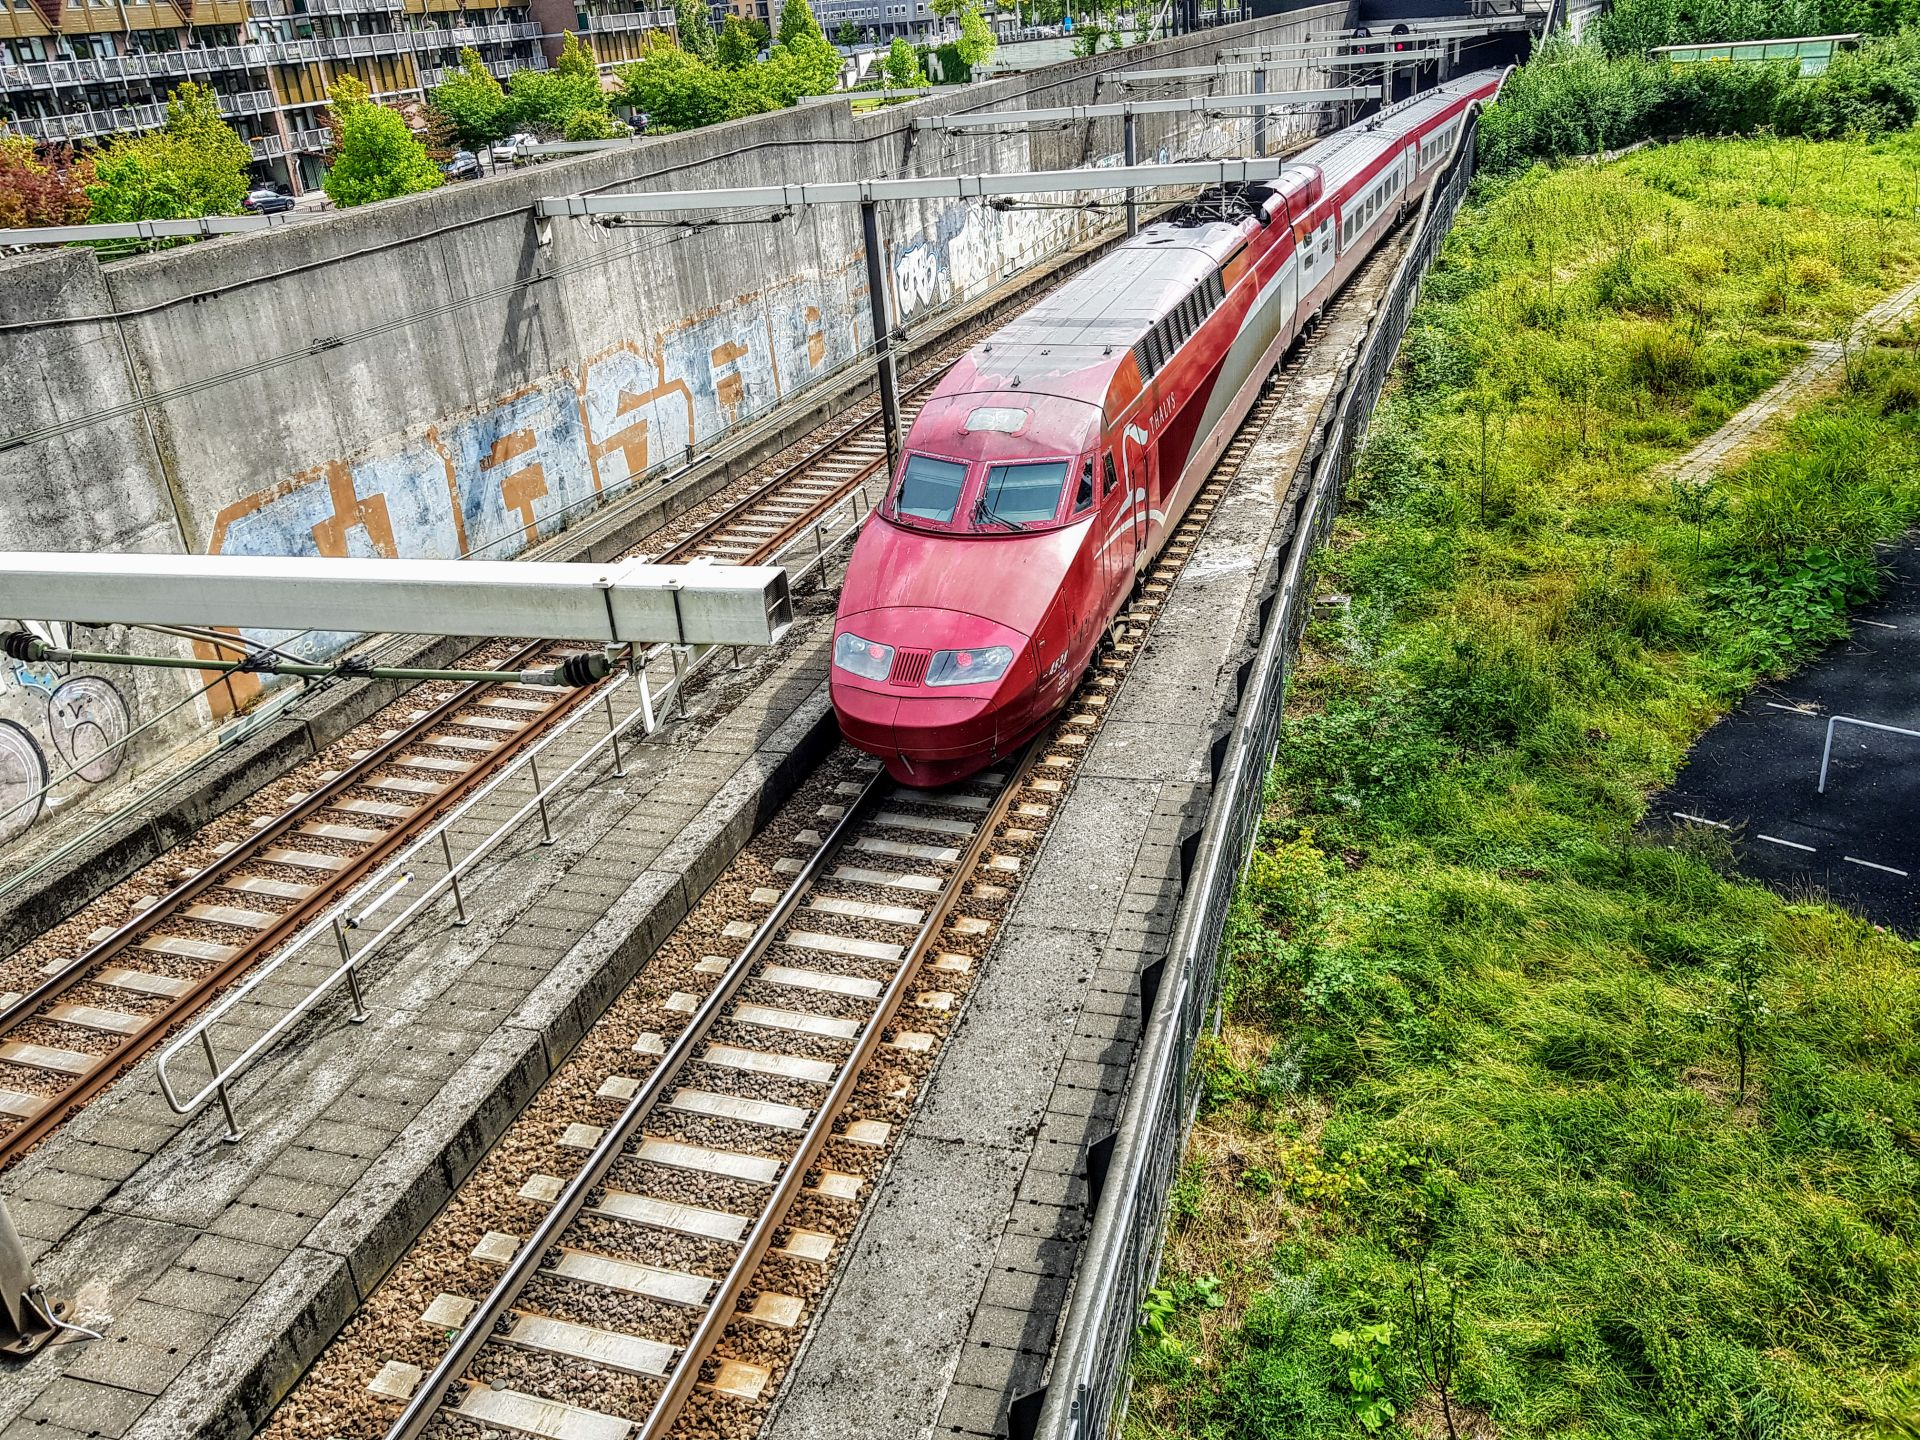 Rychlovlak společnosti Thalys z Bruselu přijíždí do Rotterdamu. Foto: Jan Sůra